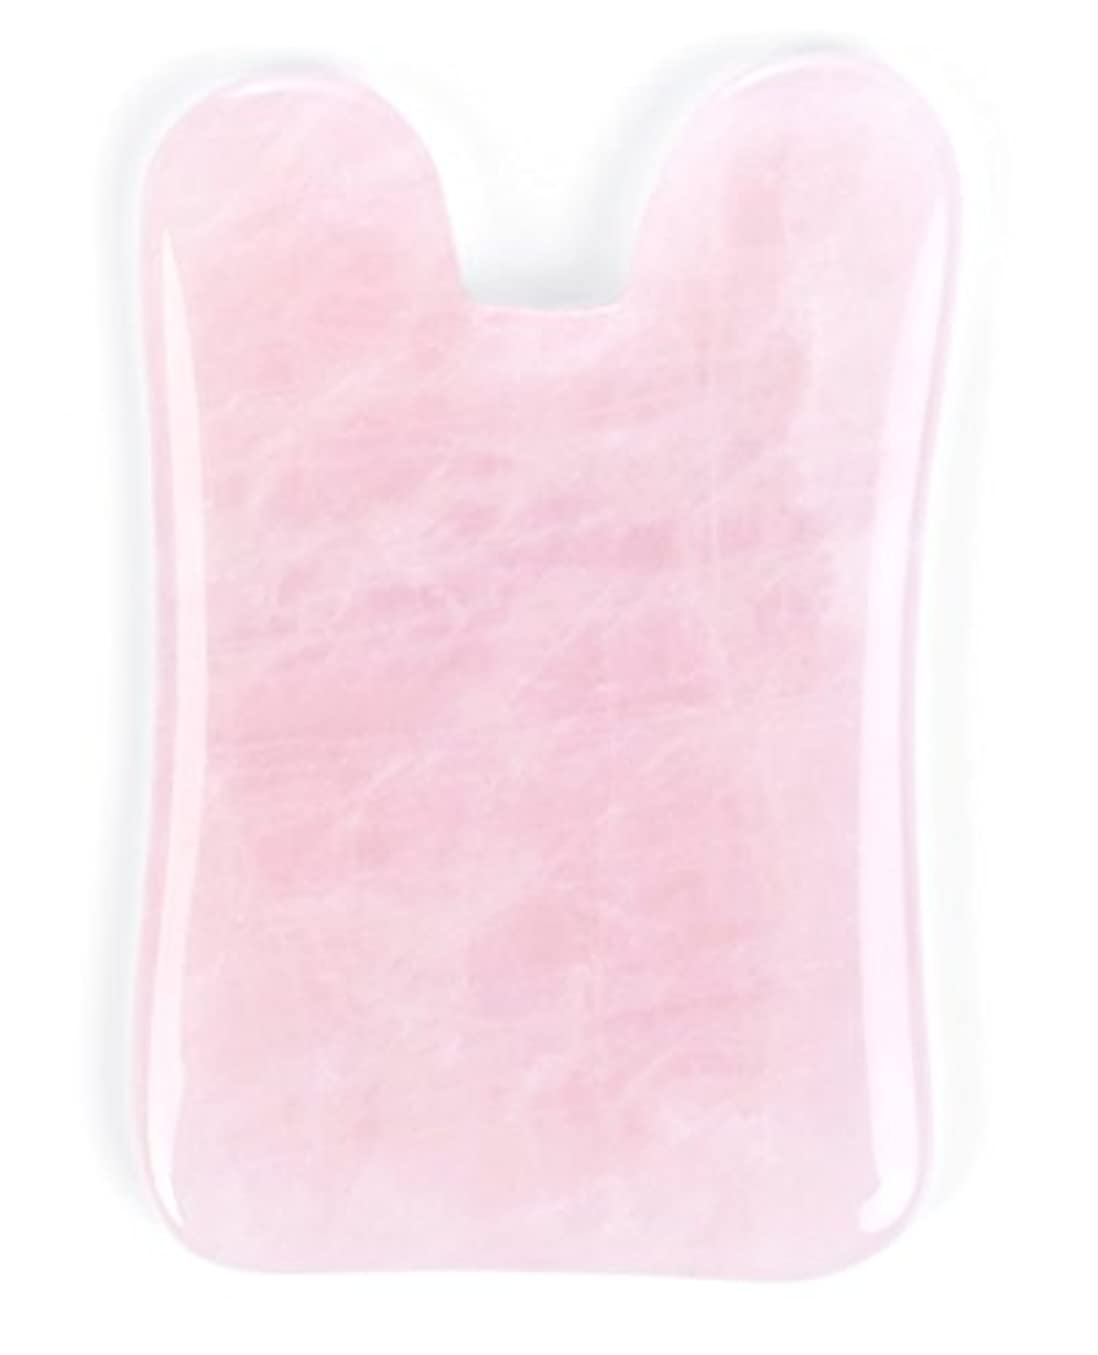 文句を言う辞任アシストEcho & Kern ピンクローズクォーツかっさプレート マッサージプレートPink Rose Quartz Gua Sha Board-Therapeutic Relief and Skin Renewal -Premium...